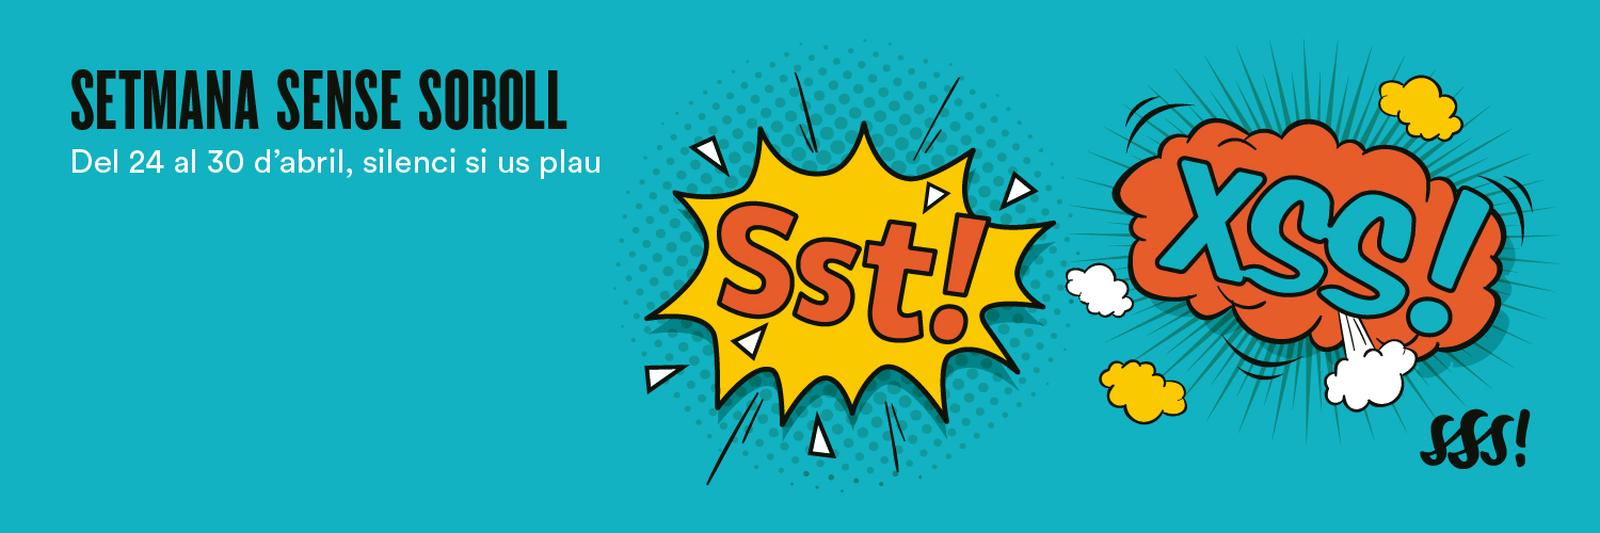 Web de la Setmana Sense Soroll #SSSoroll2017